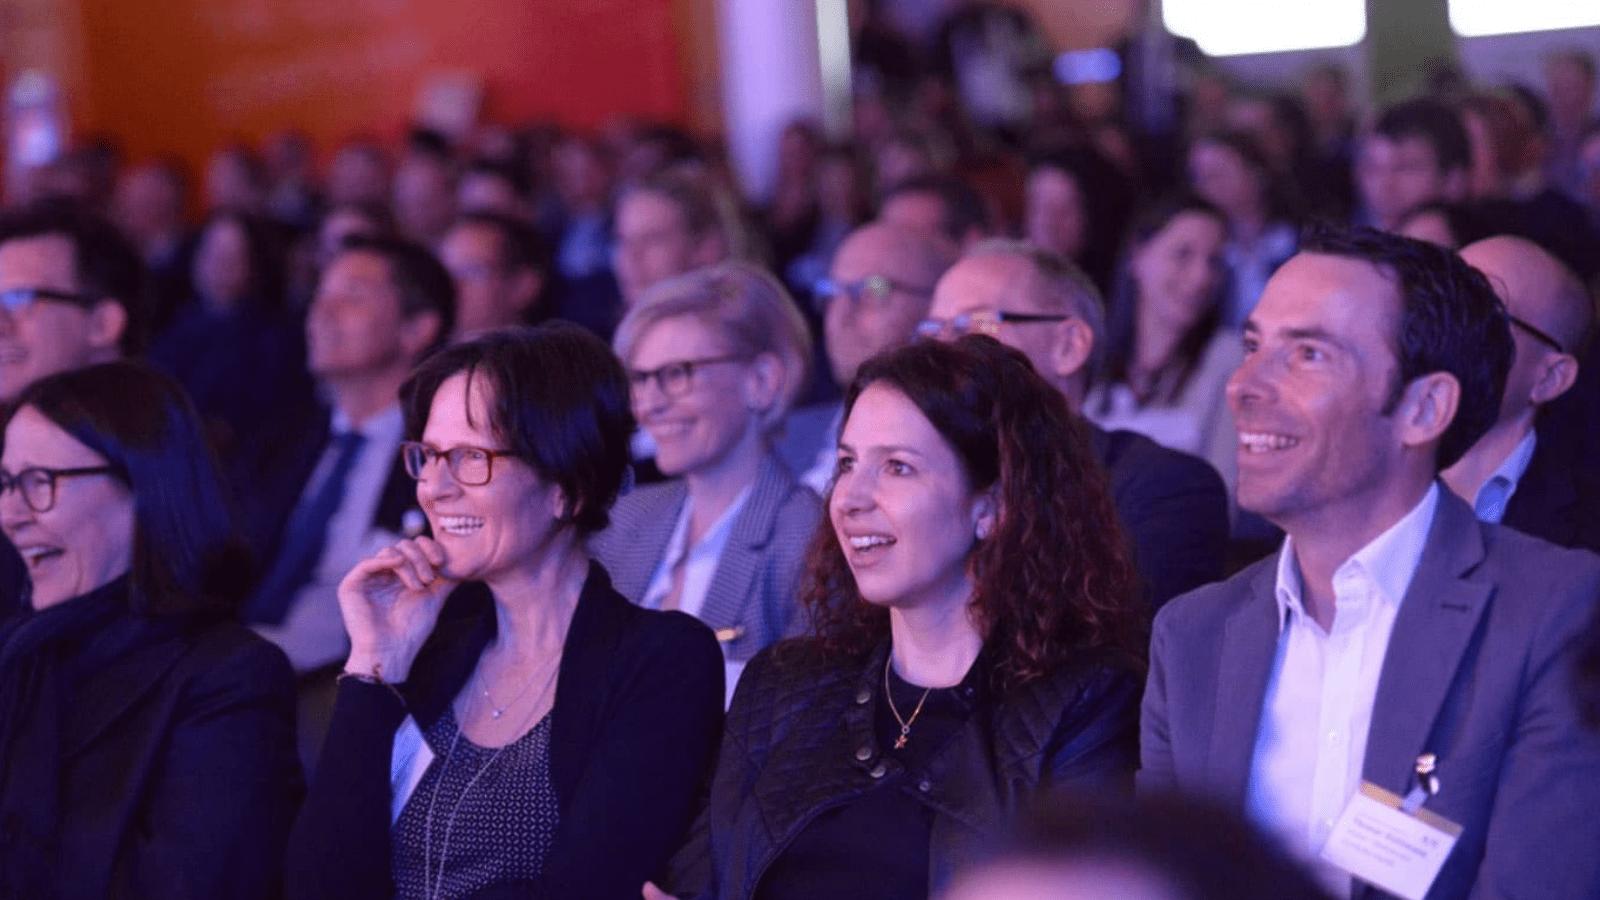 kunden-mitarbeiter-events-eventmarketing-eventagentur-emotion-company